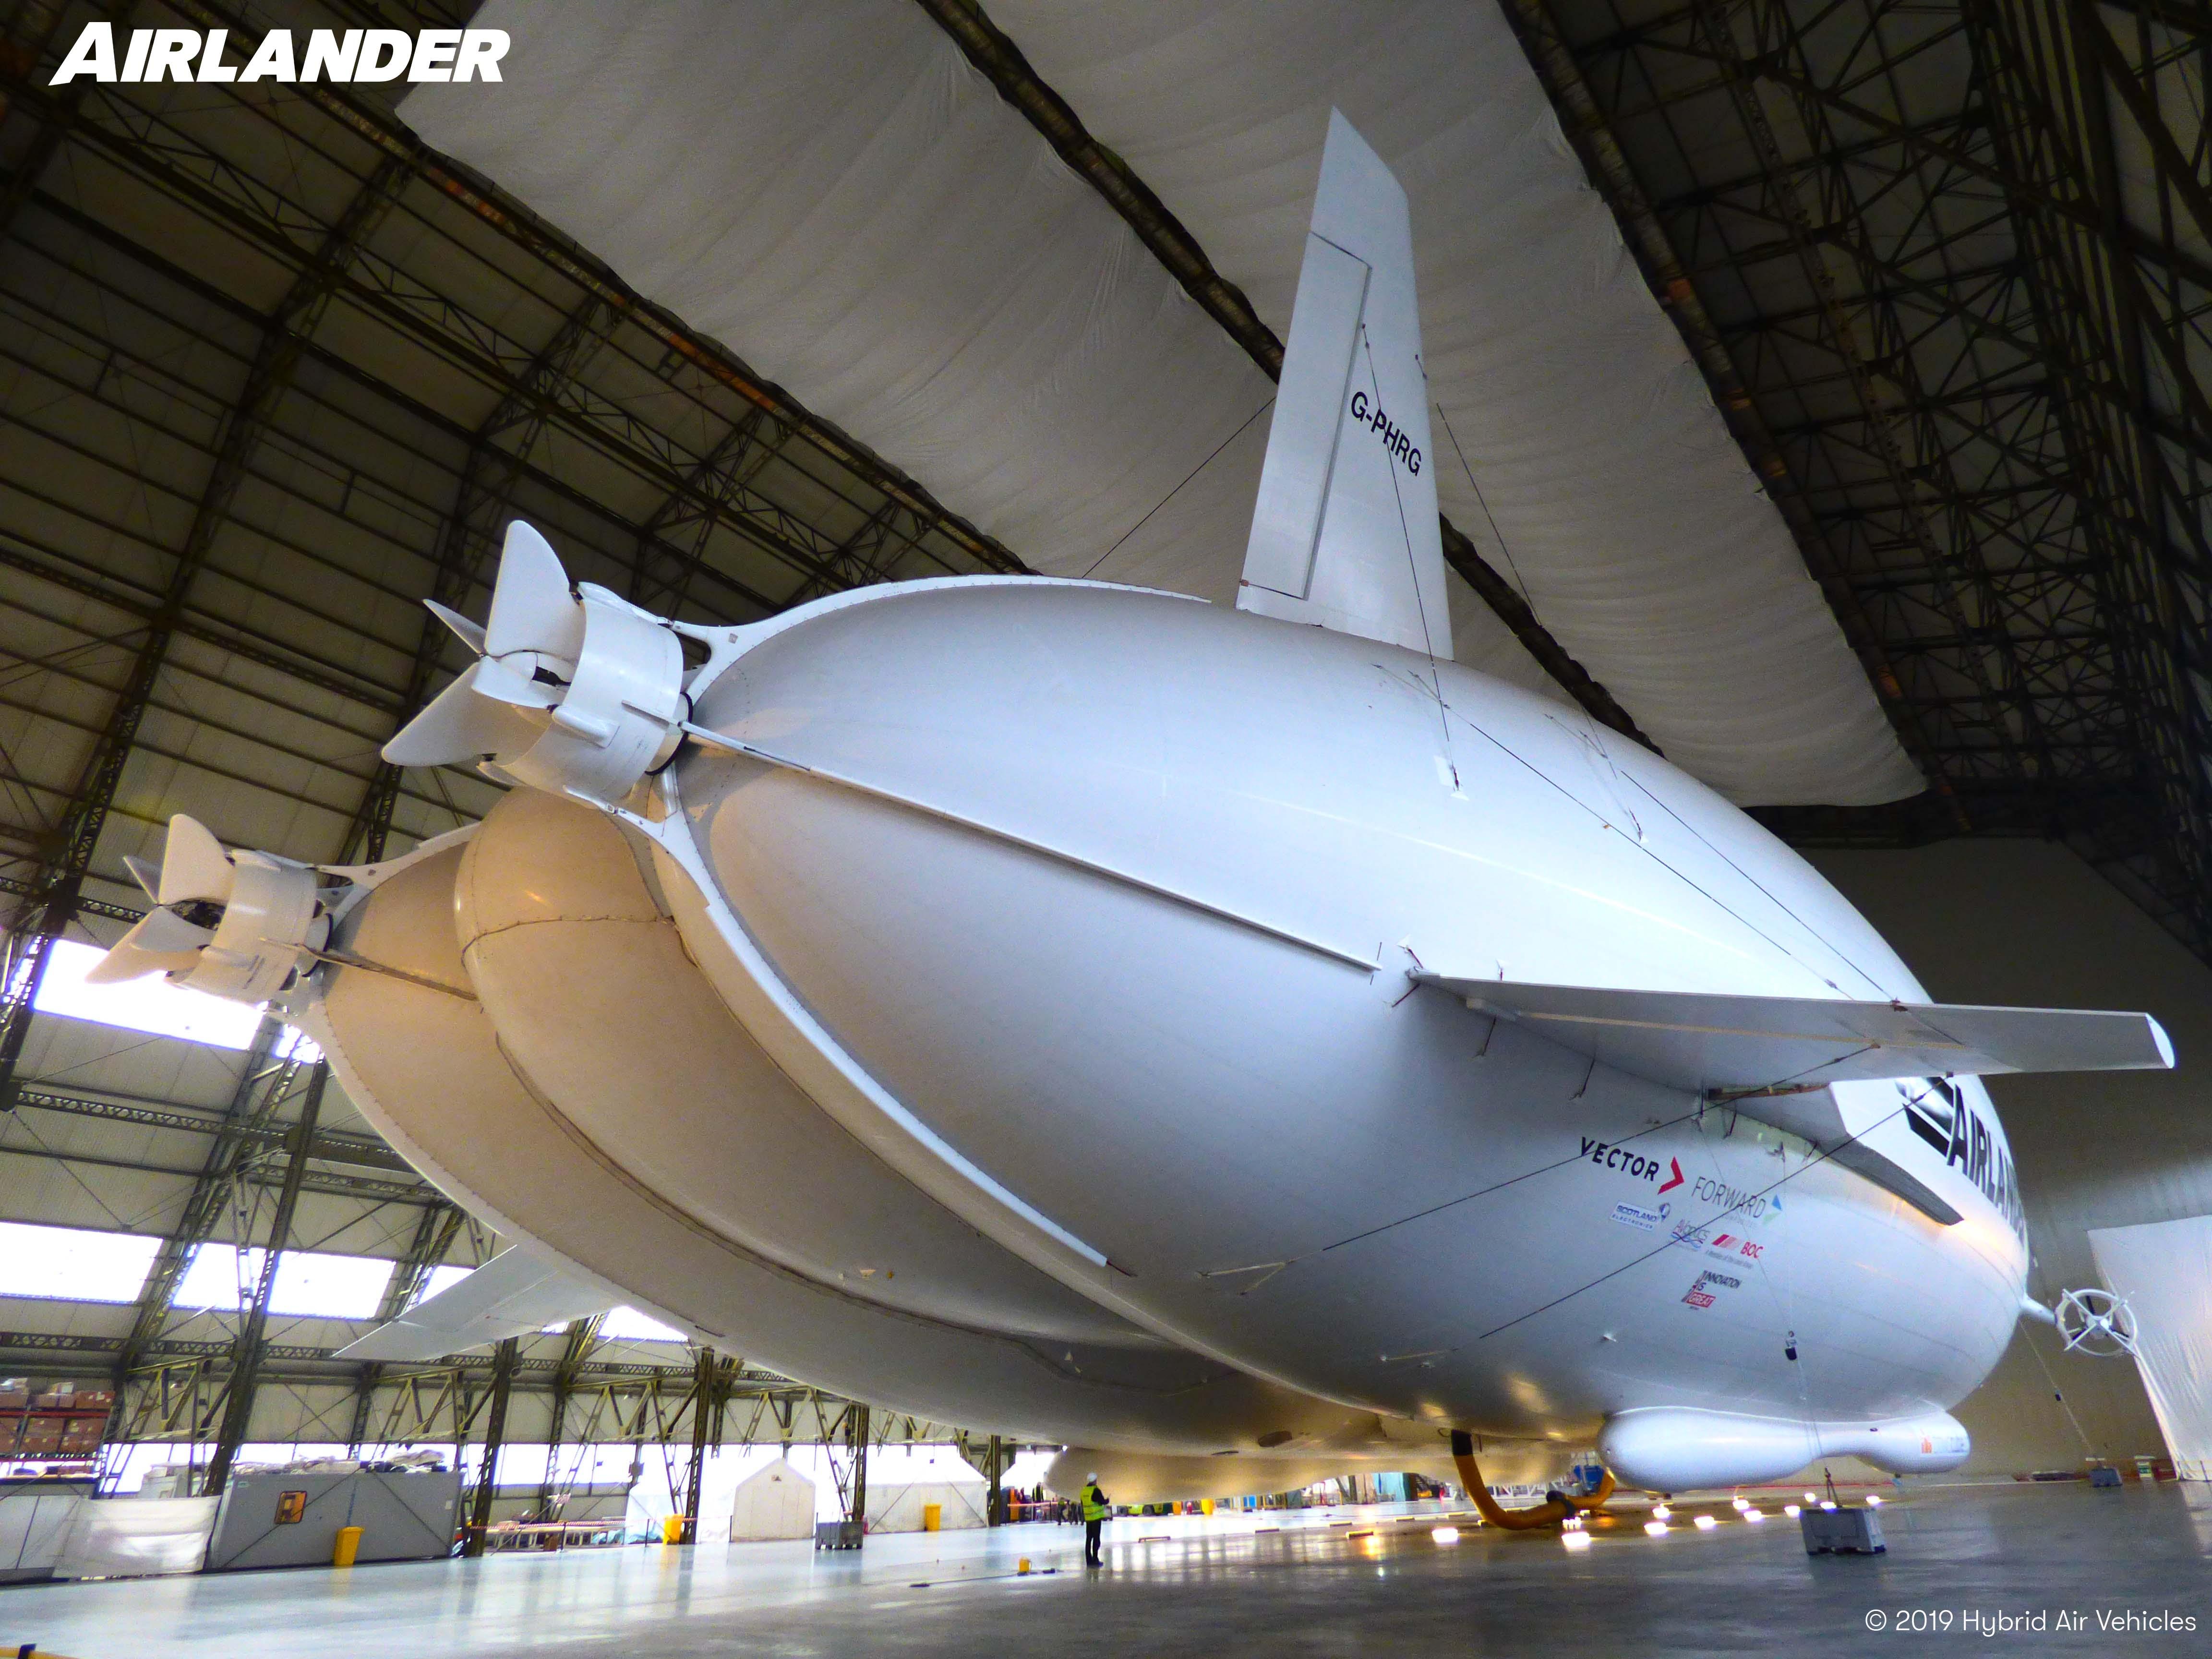 Den brittiska Airlander-prototypen använder teknik som hämtats från olika luftskepp, helikoptrar och flygplan med fasta vingar.